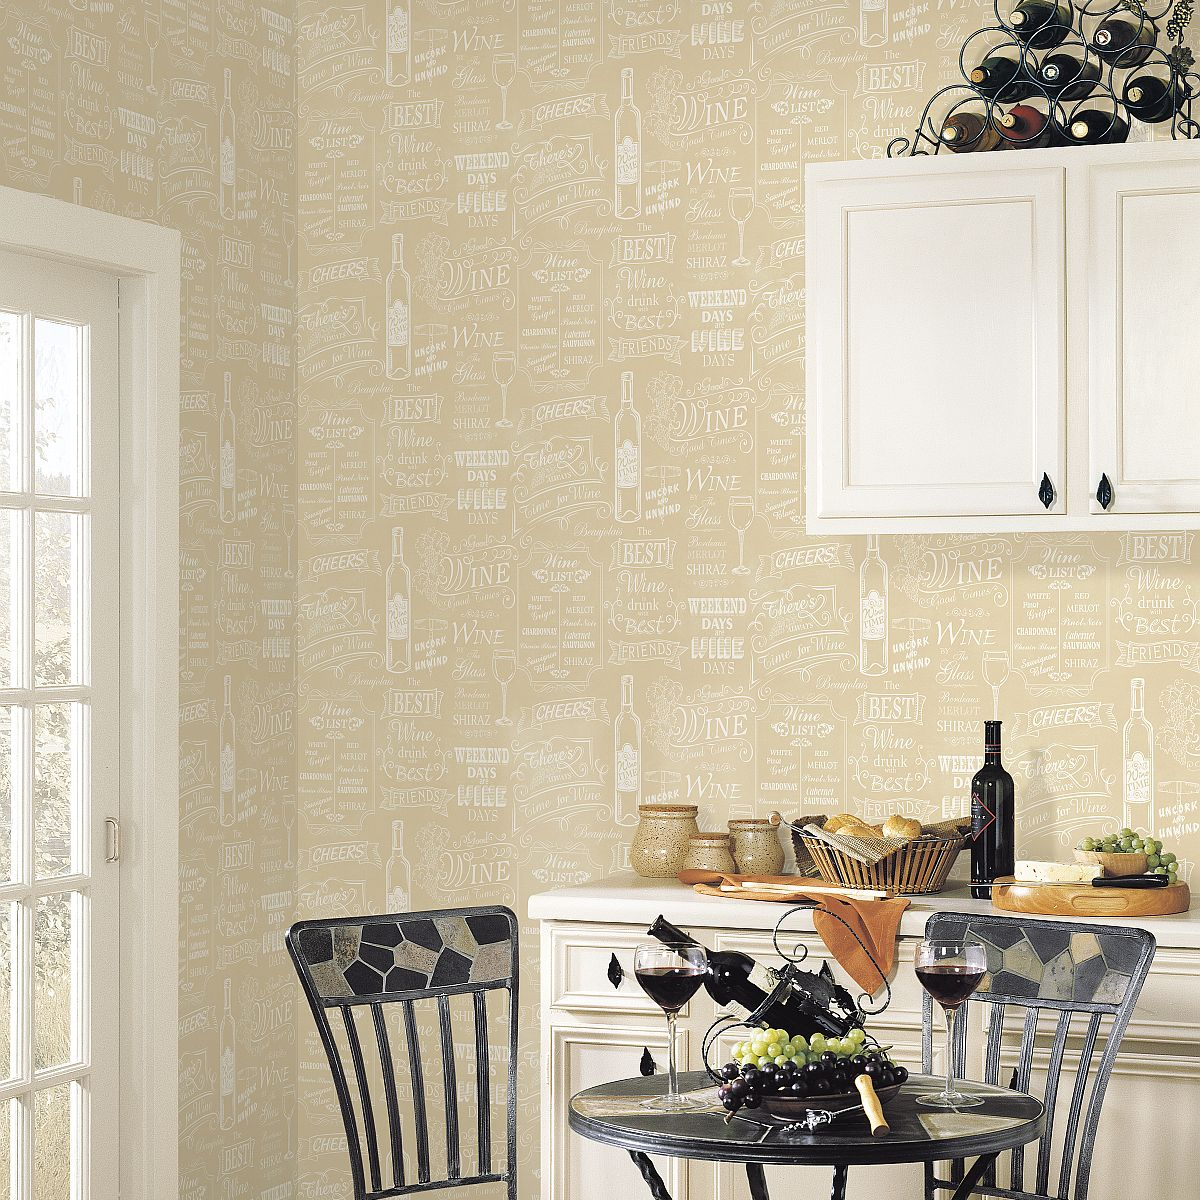 Full Size of Küchentapete Hochwertige Tapeten Und Stoffe Kchentapete Kitchen Style Wohnzimmer Küchentapete